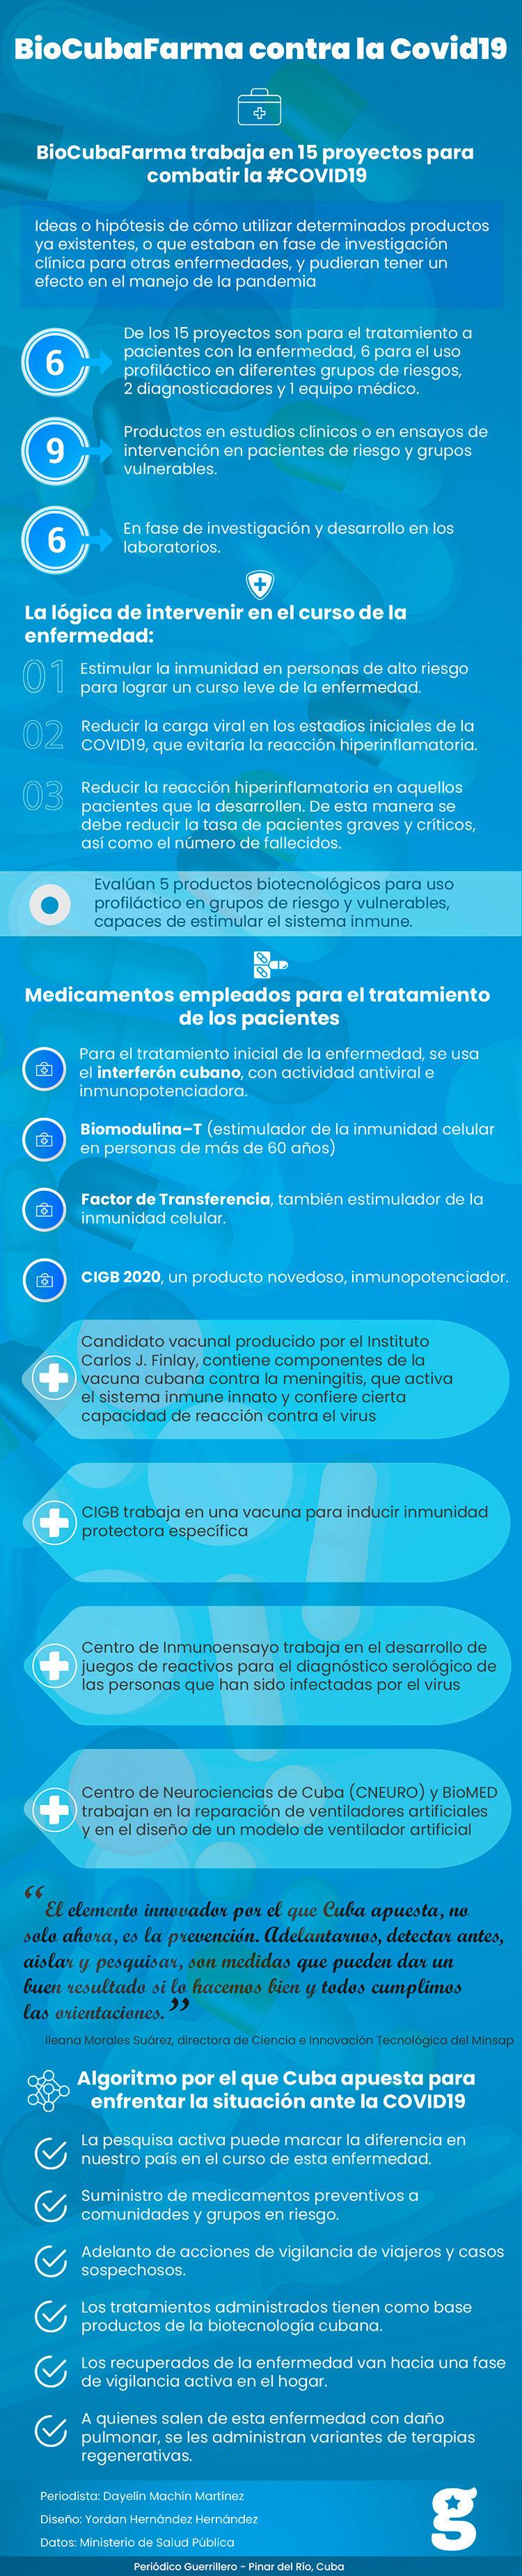 Biocubafarma contra la Covid-19